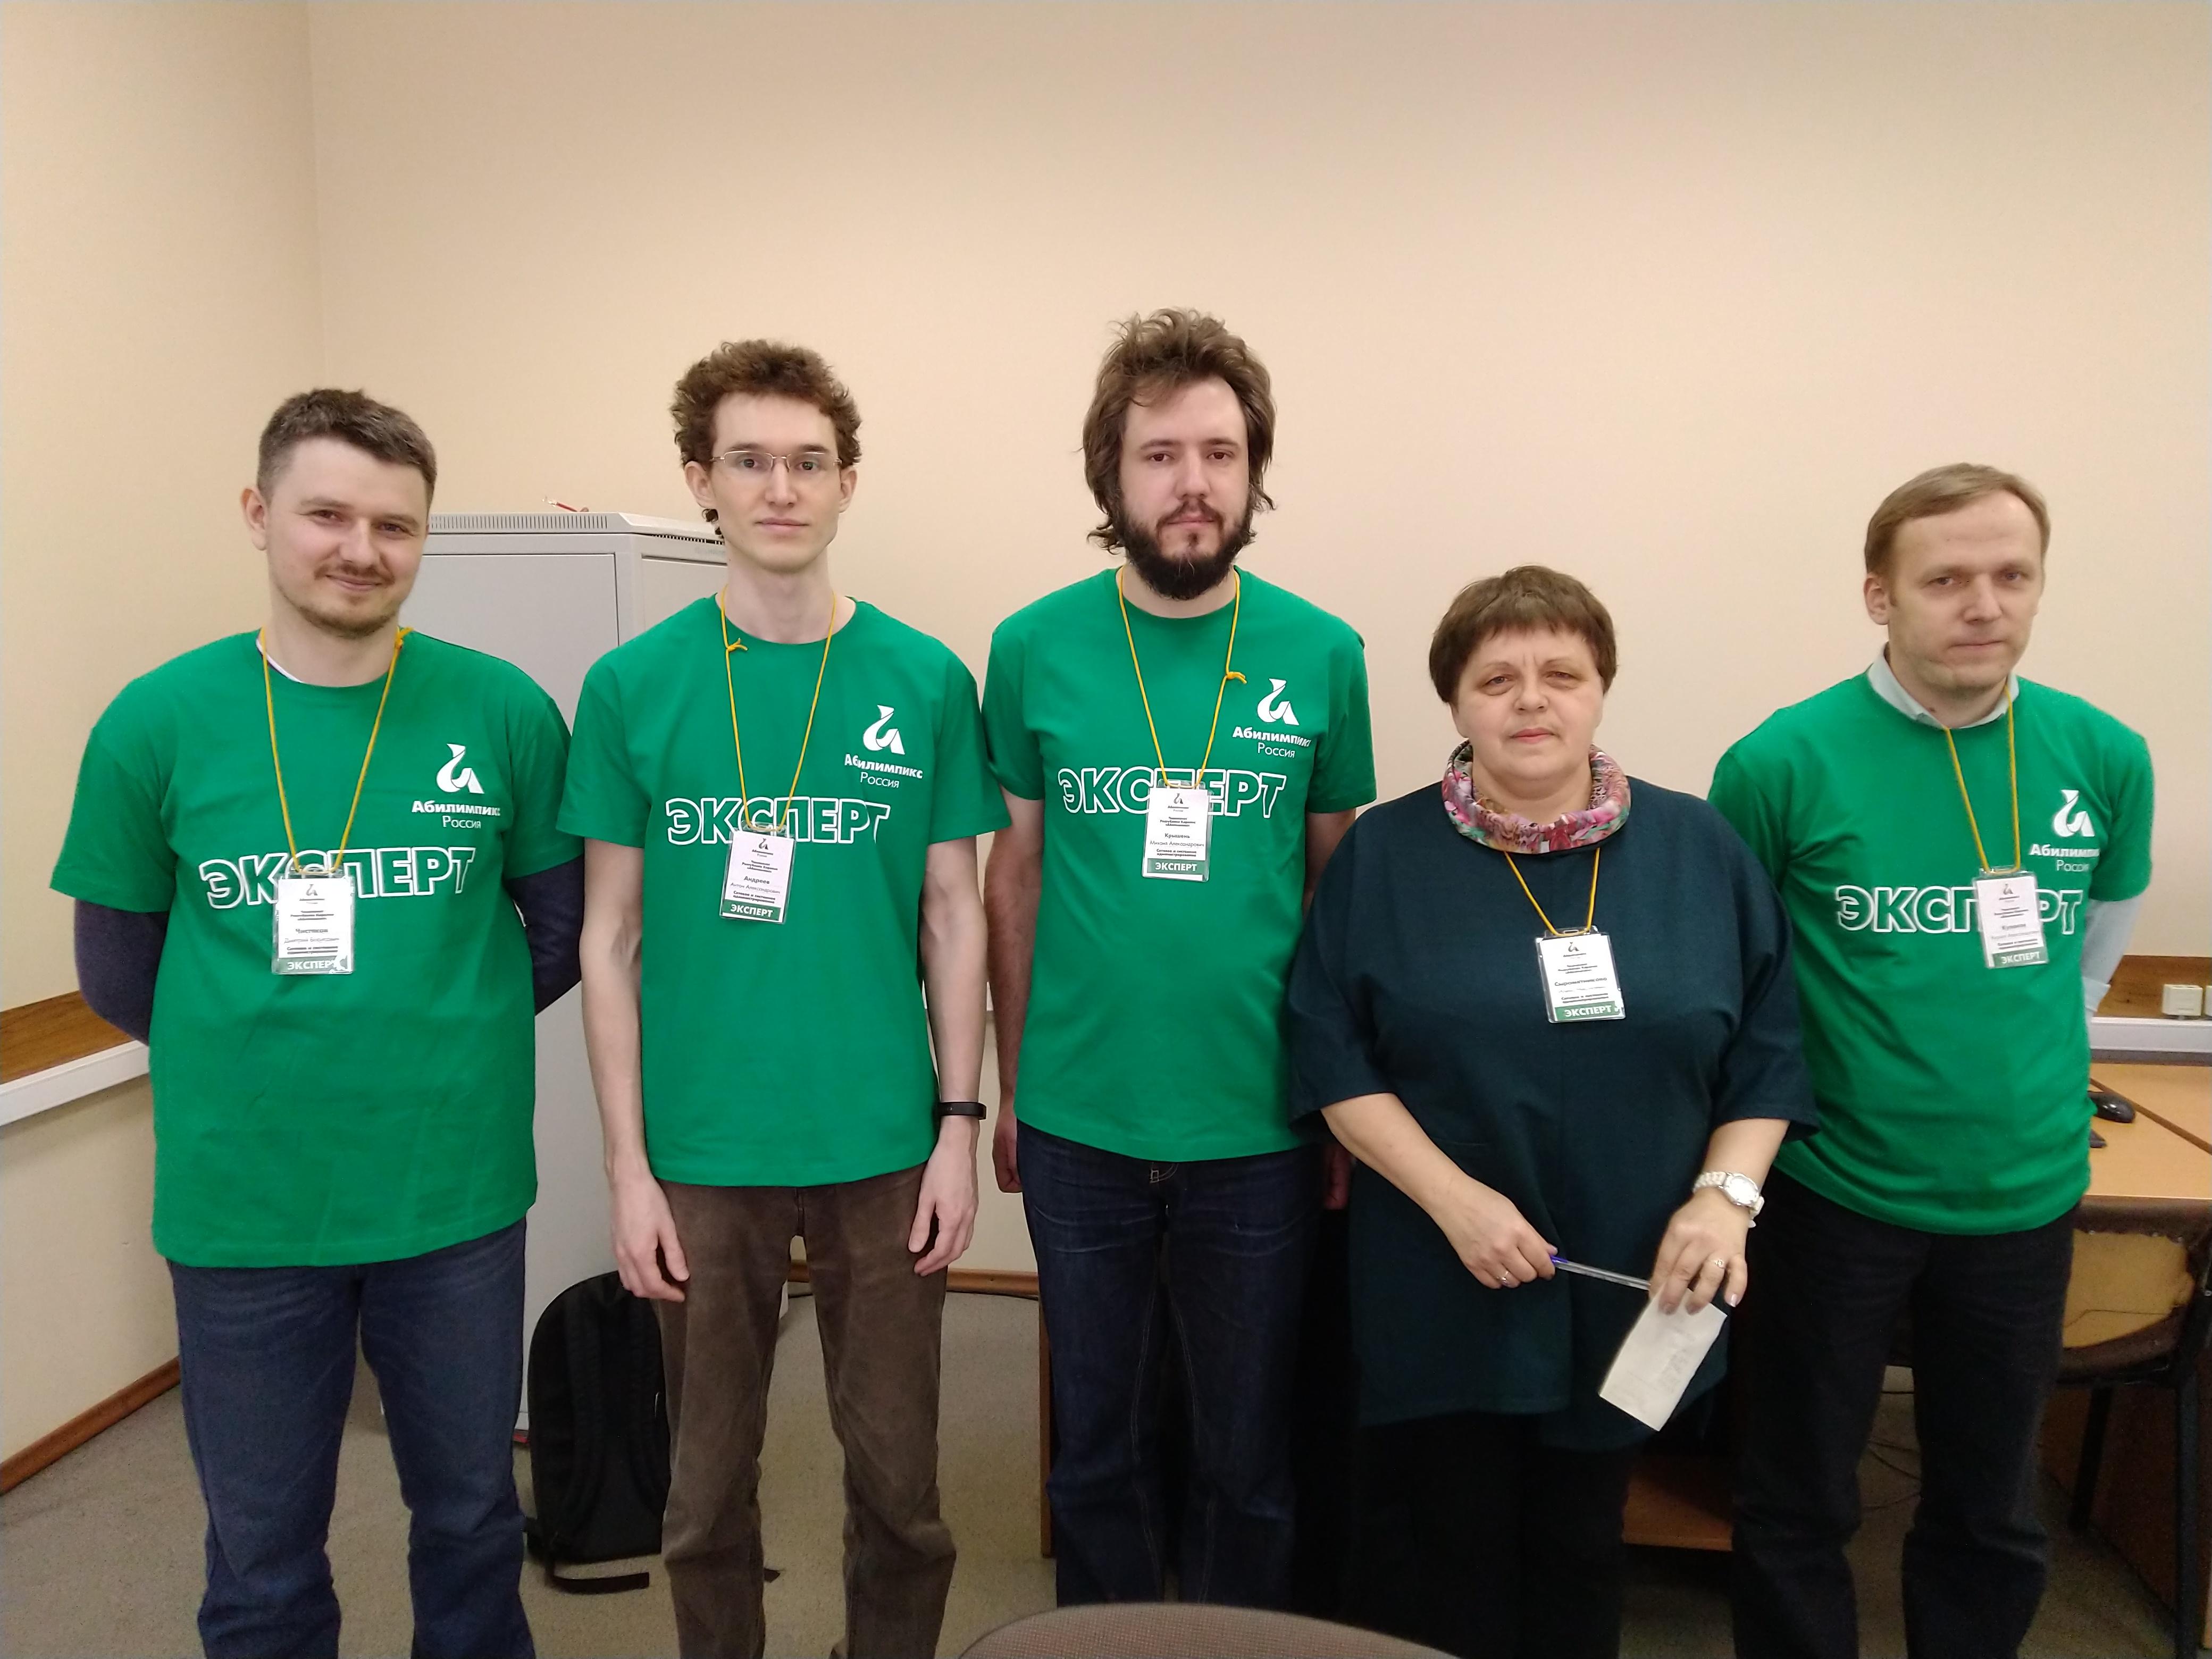 Слева направо: Д. Б. Чистяков, А. А. Андреев, М. А. Крышень, координатор от пед. колледжа И. Н. Сыромятникова, К. А. Кулаков.